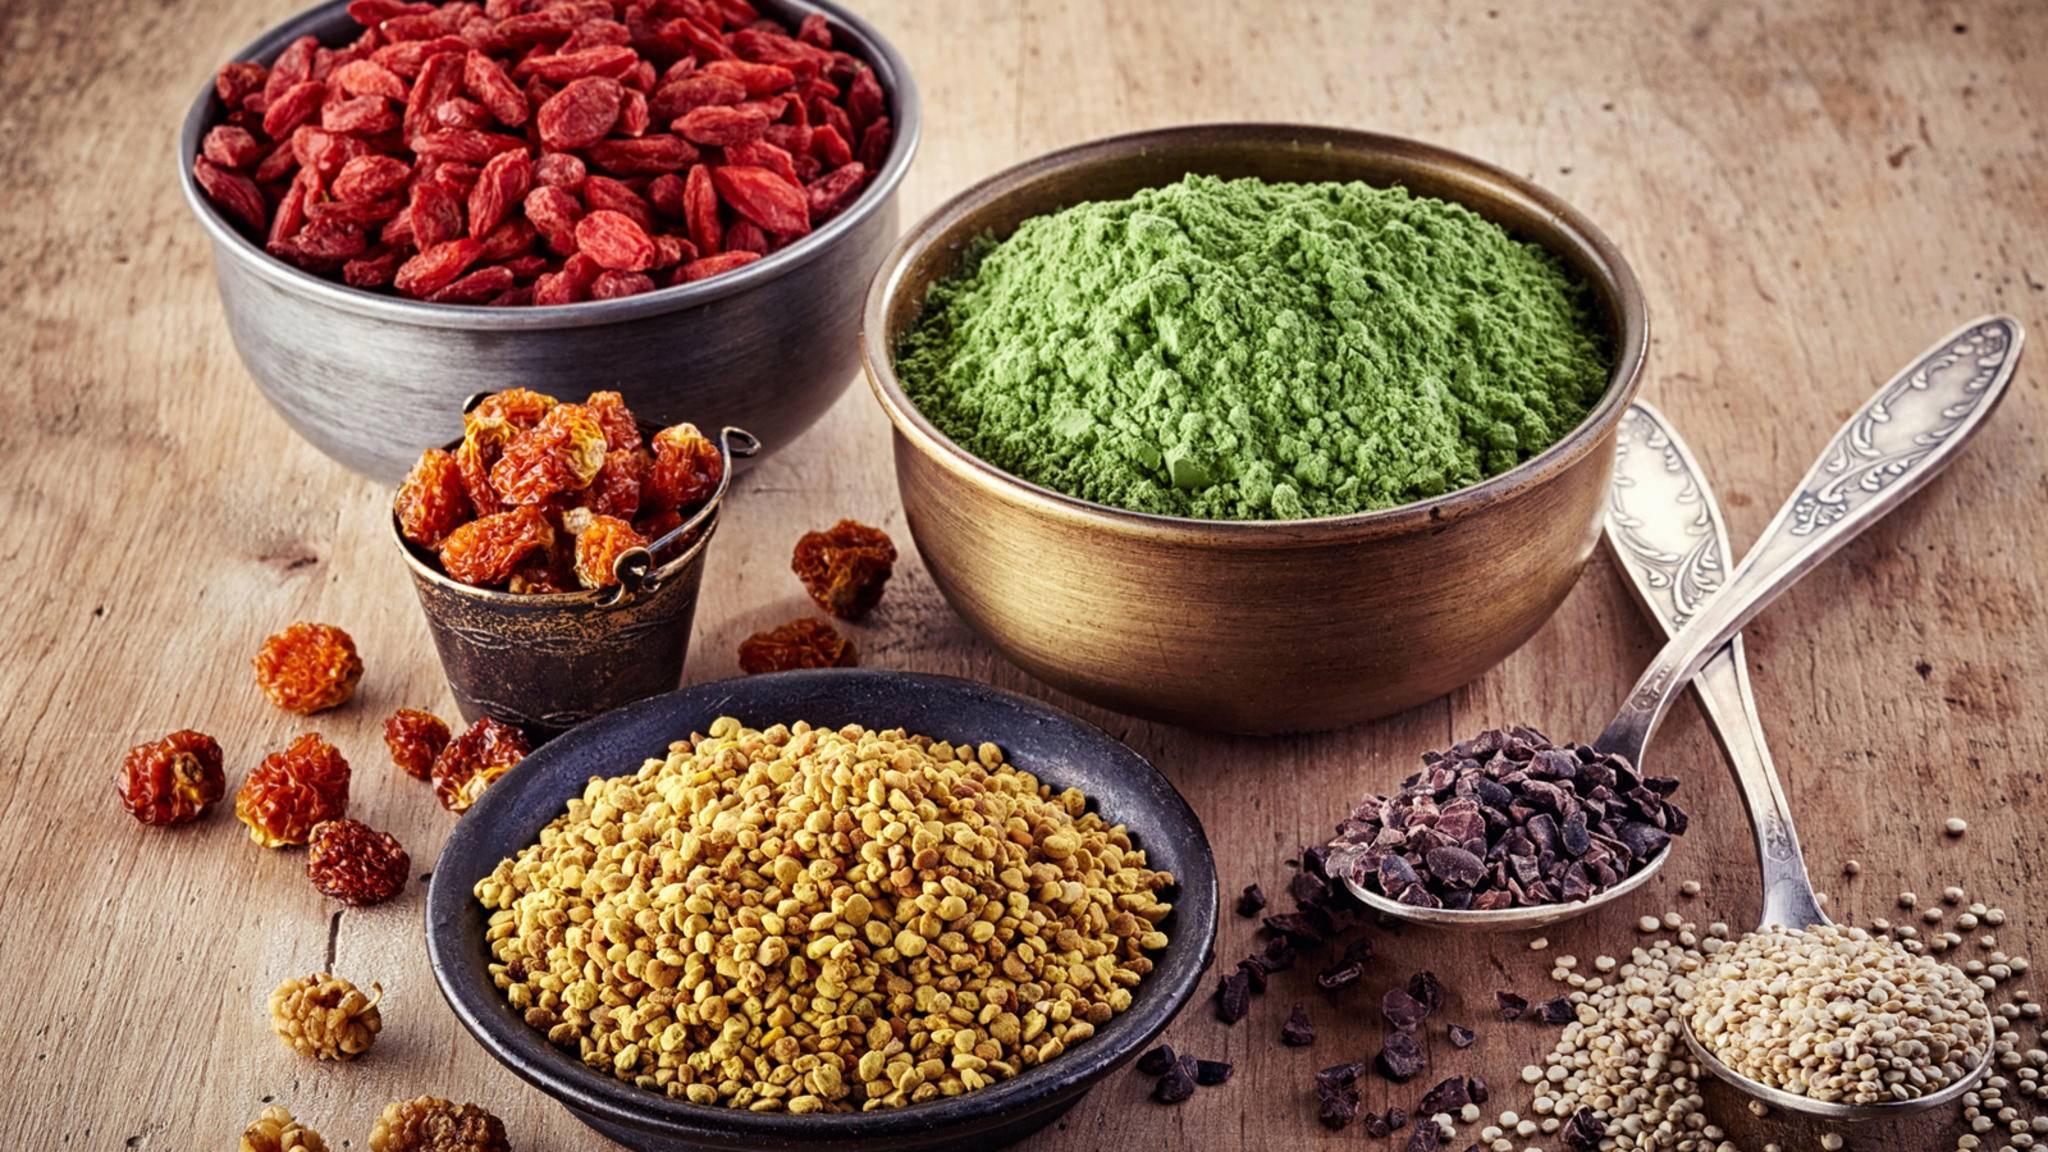 Superfoods versprechen ungeahnte Gesundheitsvorteile und werden deshalb teils von weit her importiert. Doch es gibt auch gute heimische Alternativen.